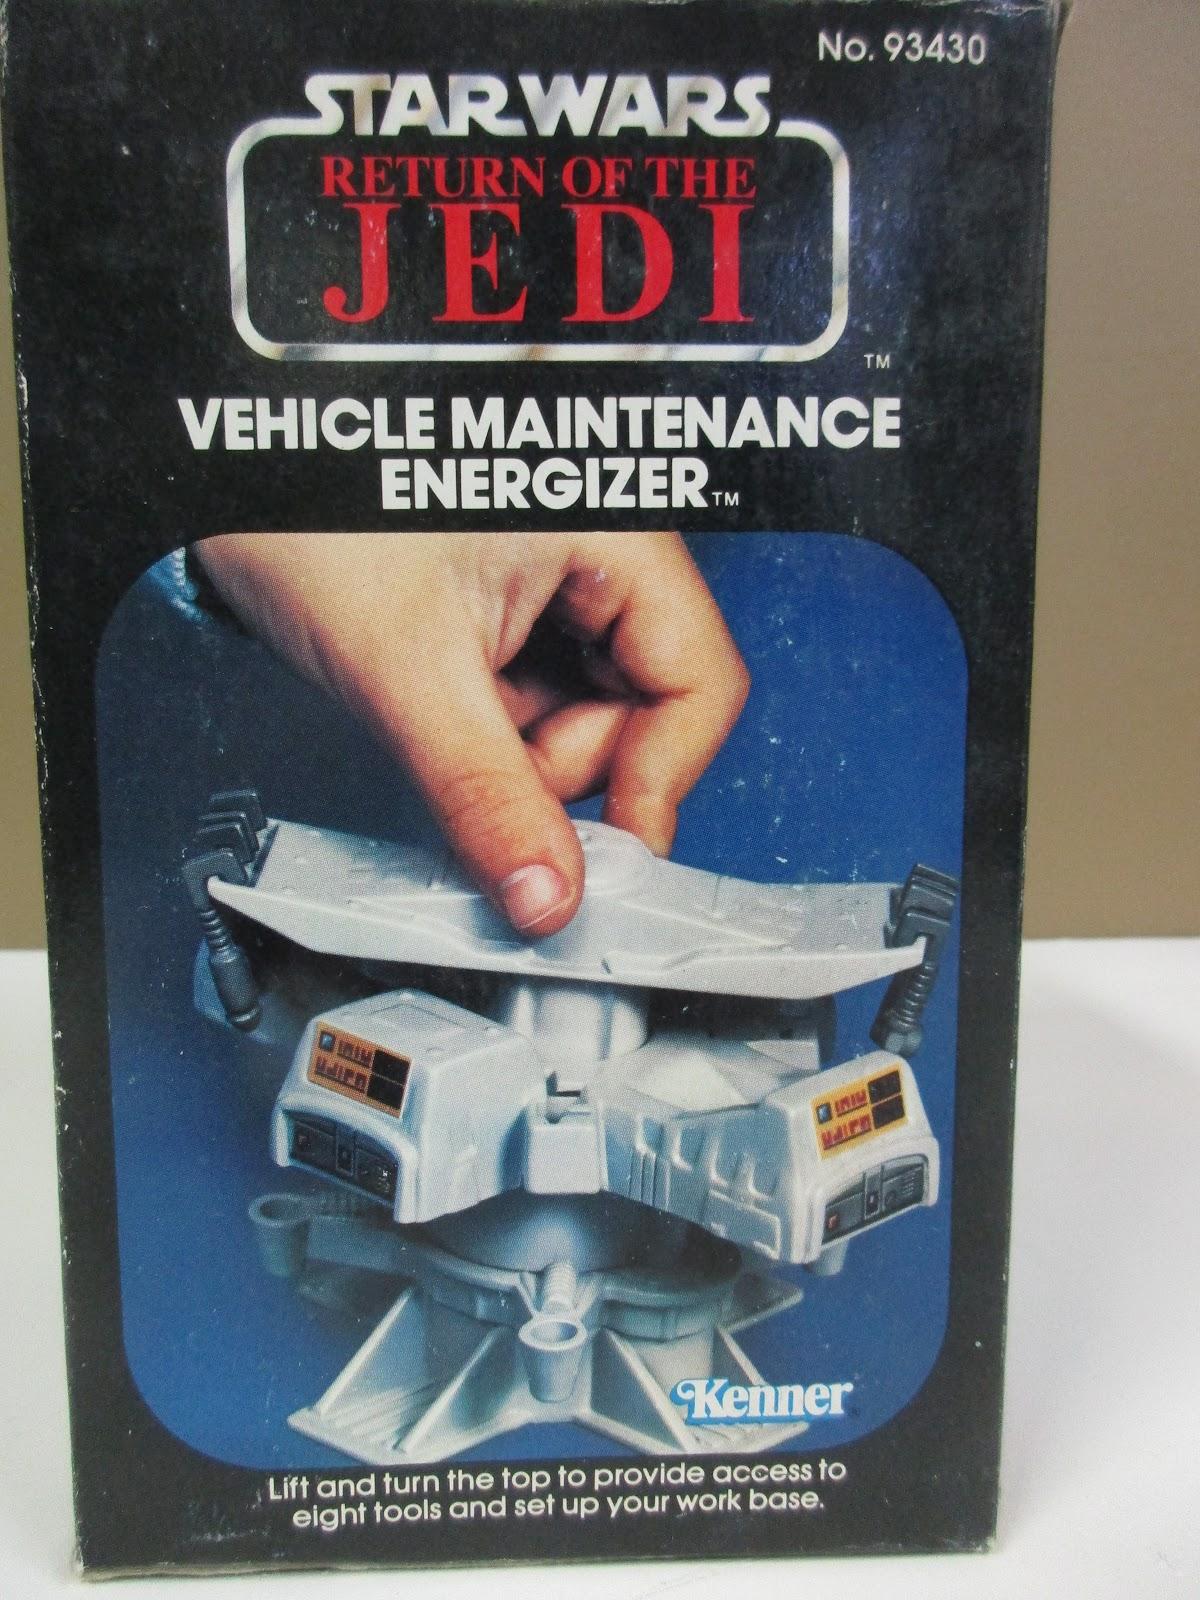 Vintage Star Wars vehicle maintenance energizer outil scie pièce de rechange Générateur